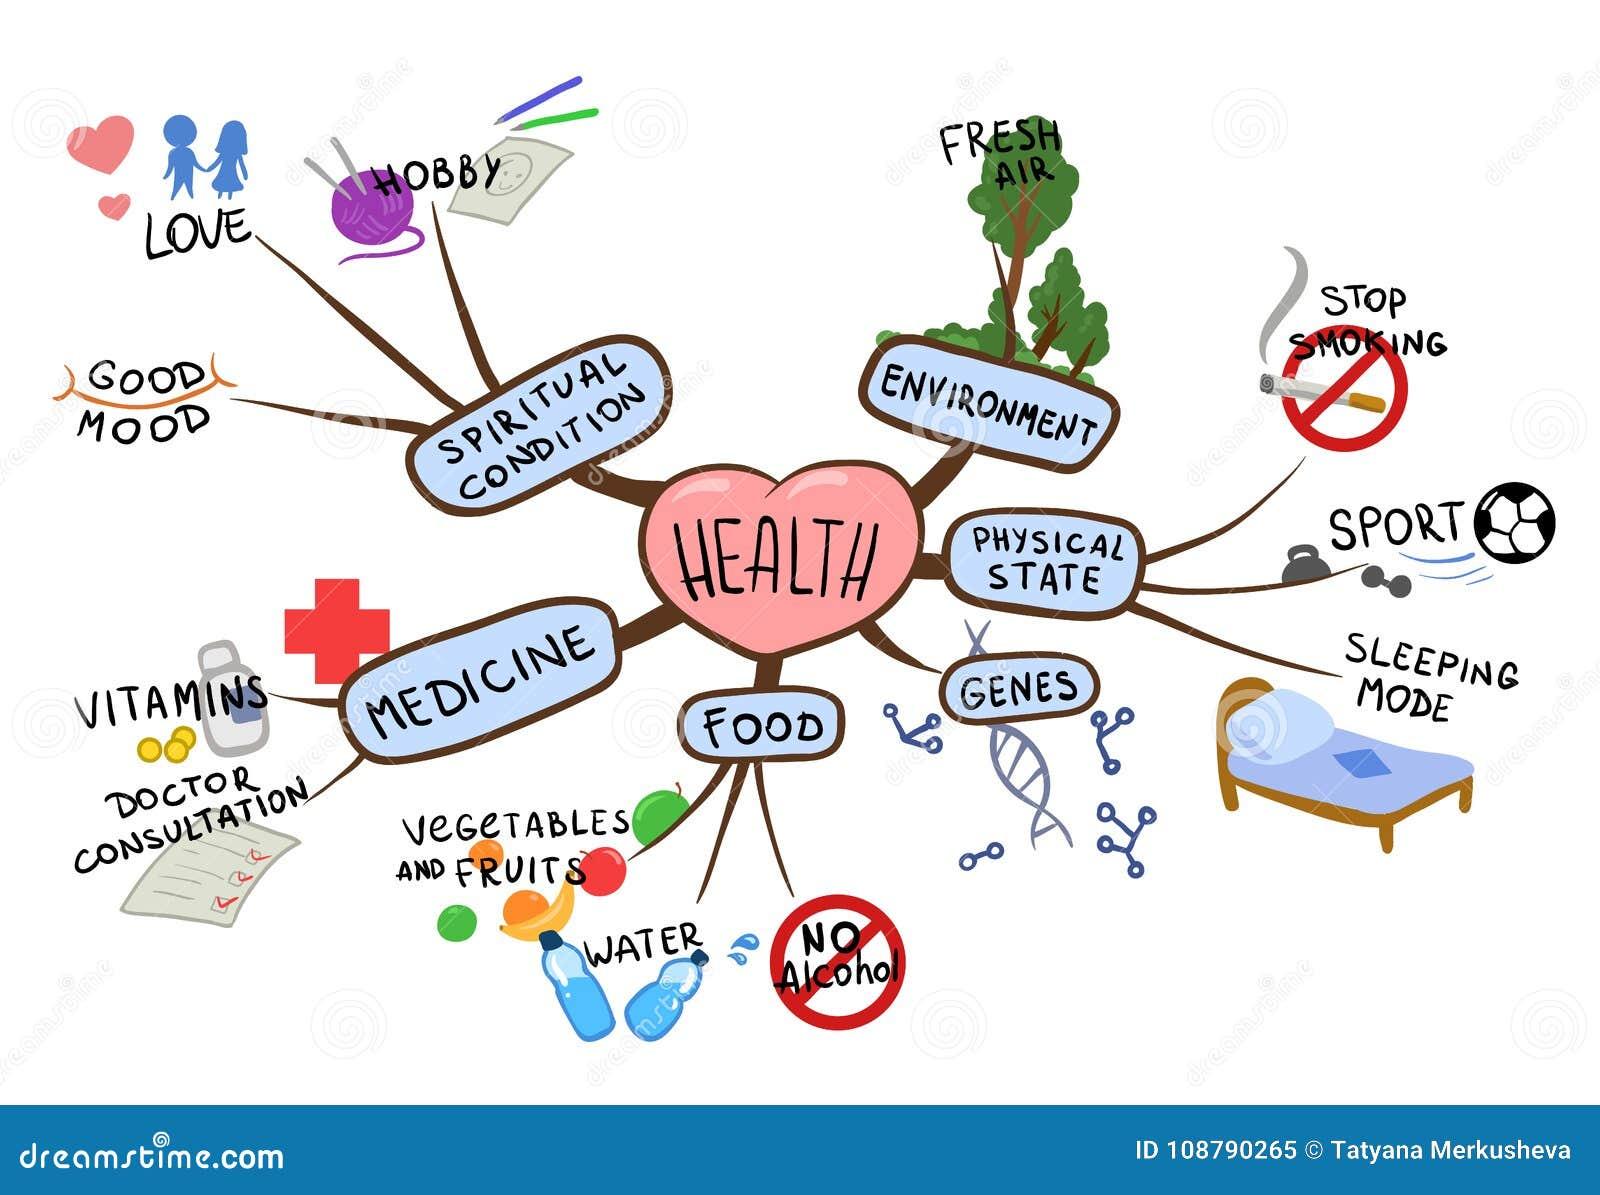 Карта разума на теме здоровья и здорового образа жизни Иллюстрация вектора умственной карты, изолированная на белизне